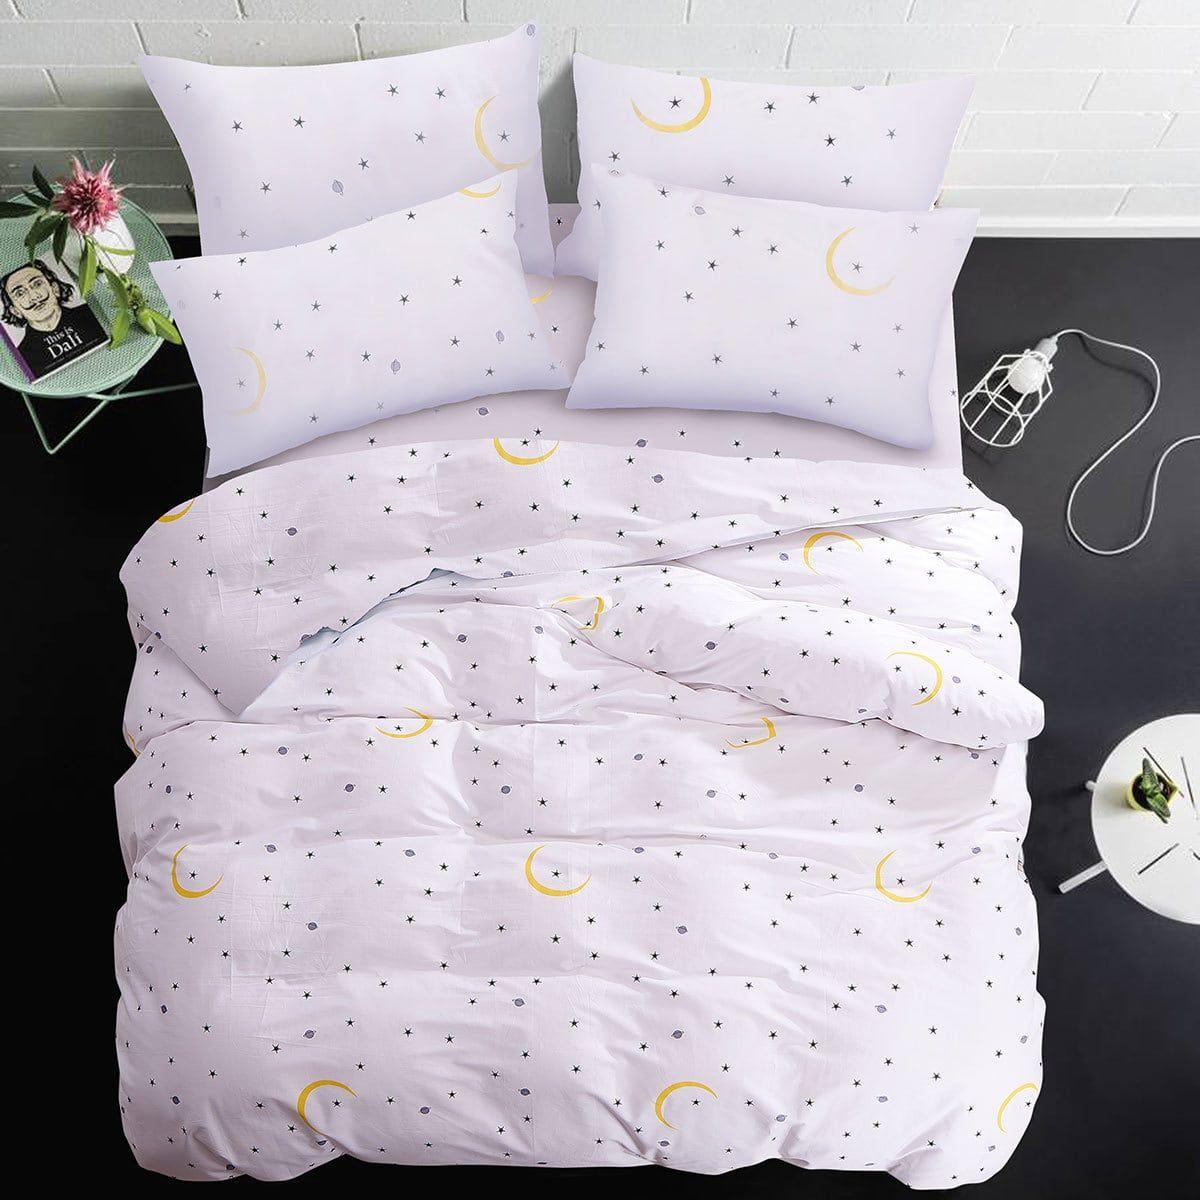 Bettwarenshop Mako Satin Bettwasche Monde Und Sterne Gunstig